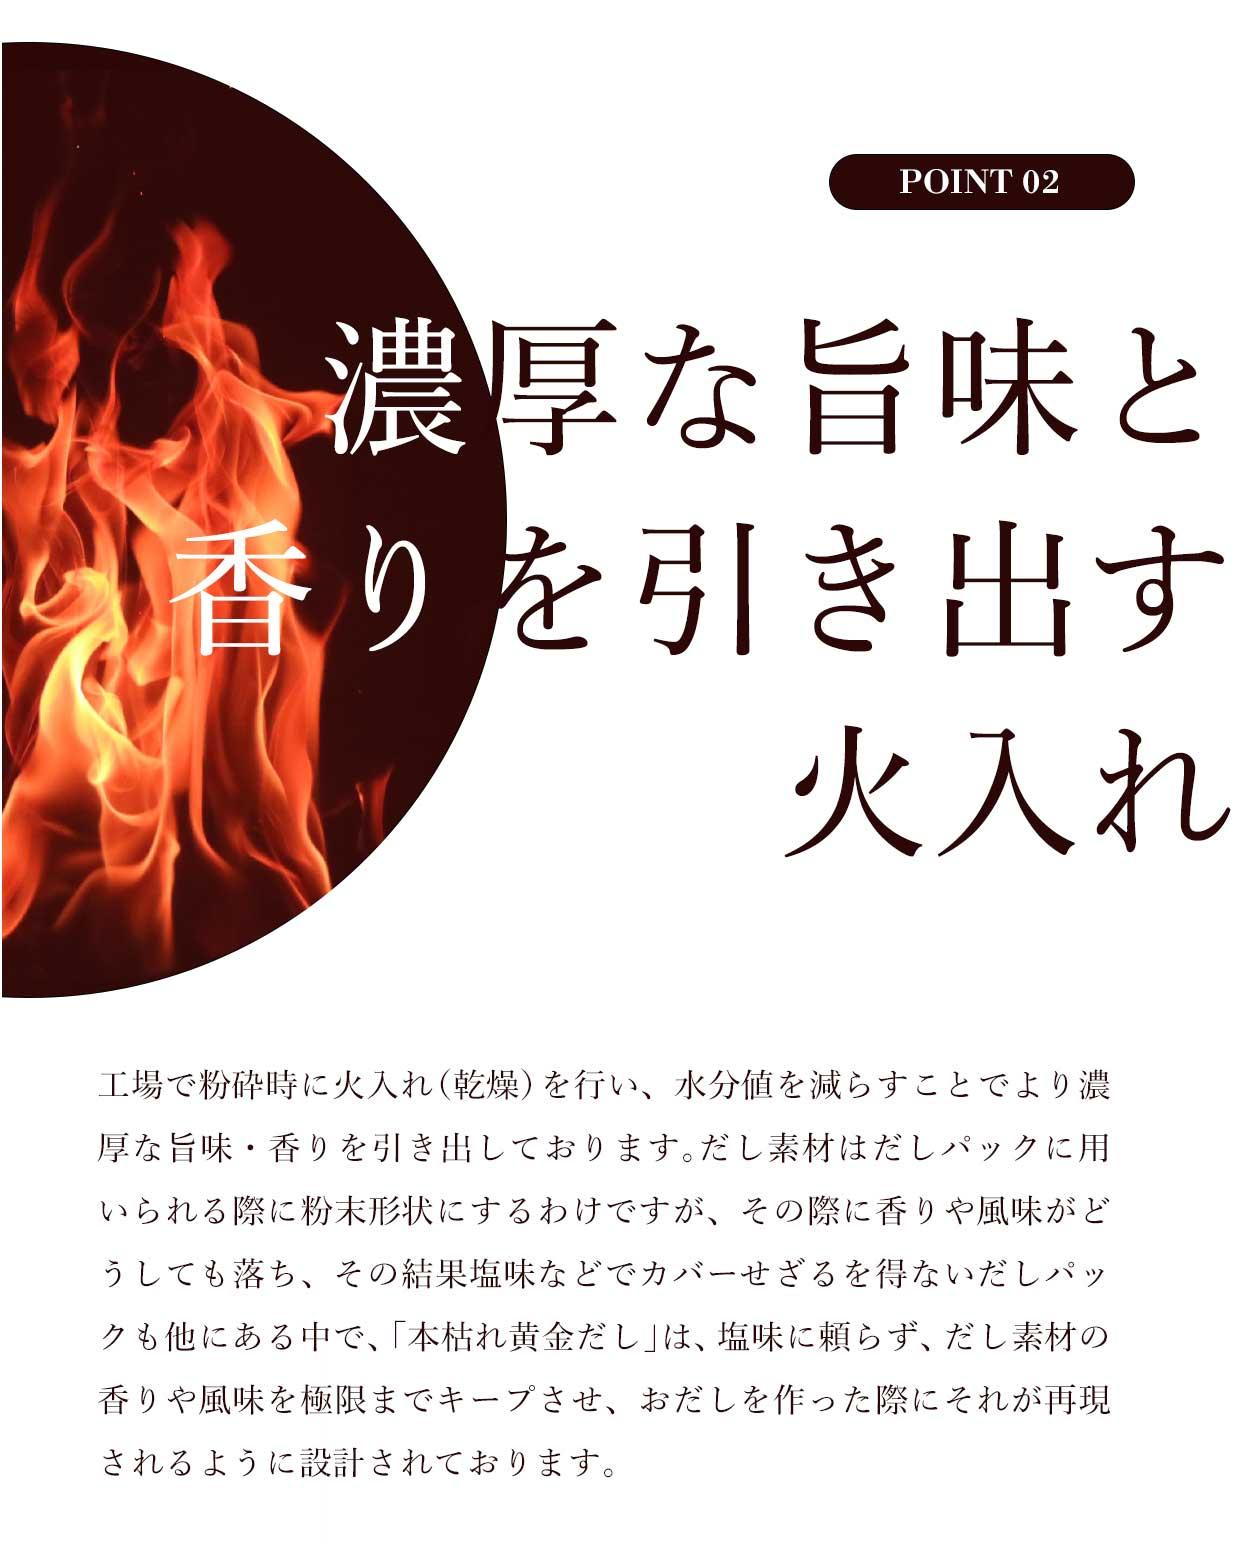 濃厚な旨味と 香りを引き出す 火入れ 工場で粉砕時に火入れ(乾燥)を行い、水分値を減らすことでより濃厚な旨味・香りを引き出しております。だし素材はだしパックに用いられる際に粉末形状にするわけですが、その際に香りや風味がどうしても落ち、その結果塩味などでカバーせざるを得ないだしパックも他にある中で、「本枯れ黄金だし」は、塩味に頼らず、だし素材の香りや風味を極限までキープさせ、おだしを作った際にそれが再現されるように設計されております。